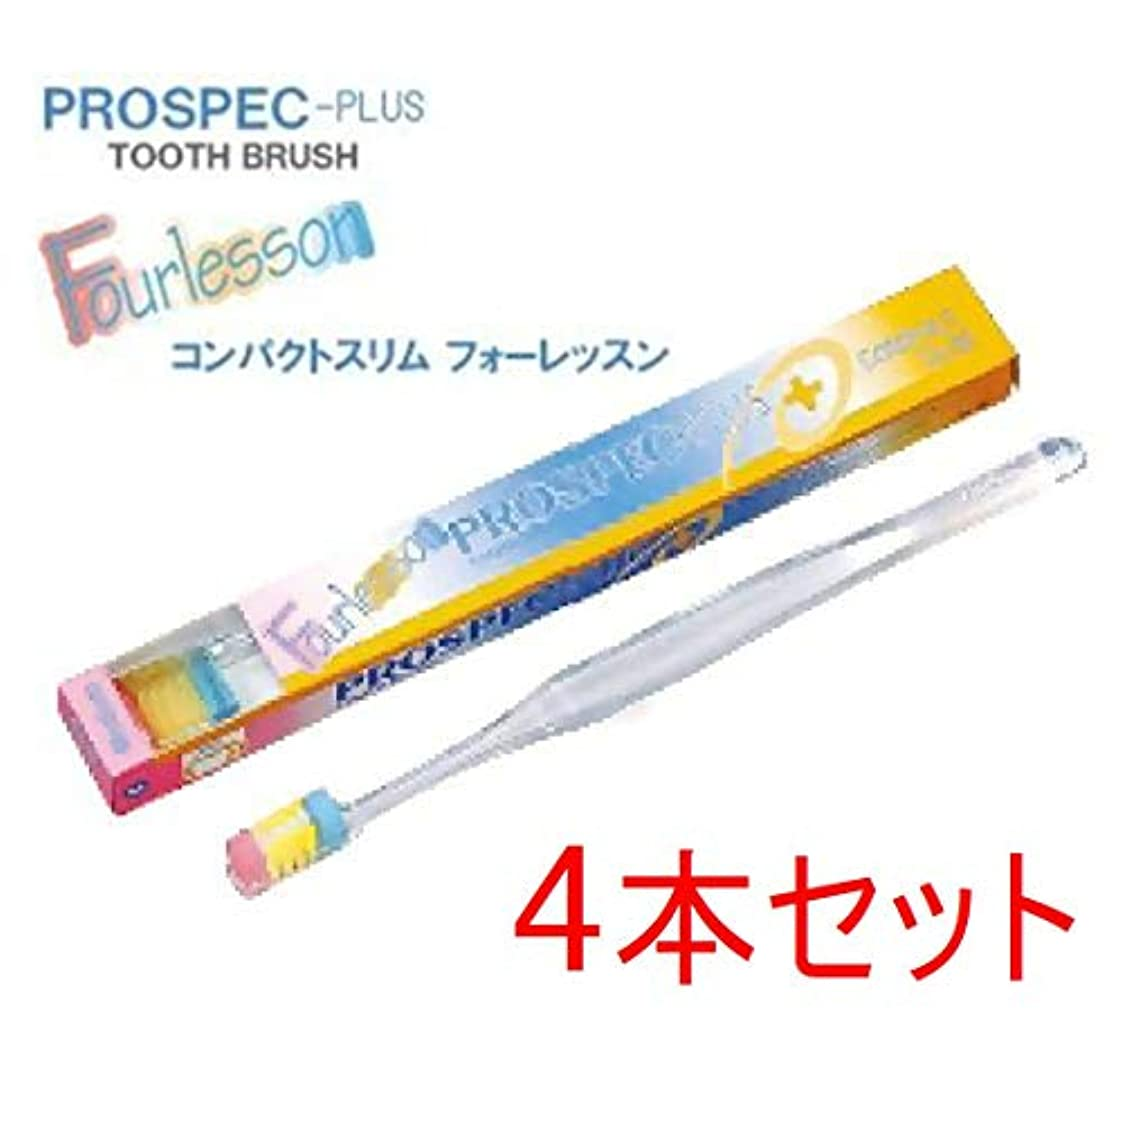 歯正気誤解を招くプロスペック 歯ブラシ コンパクトスリム 4本 フォーレッスン 毛の硬さ ふつう